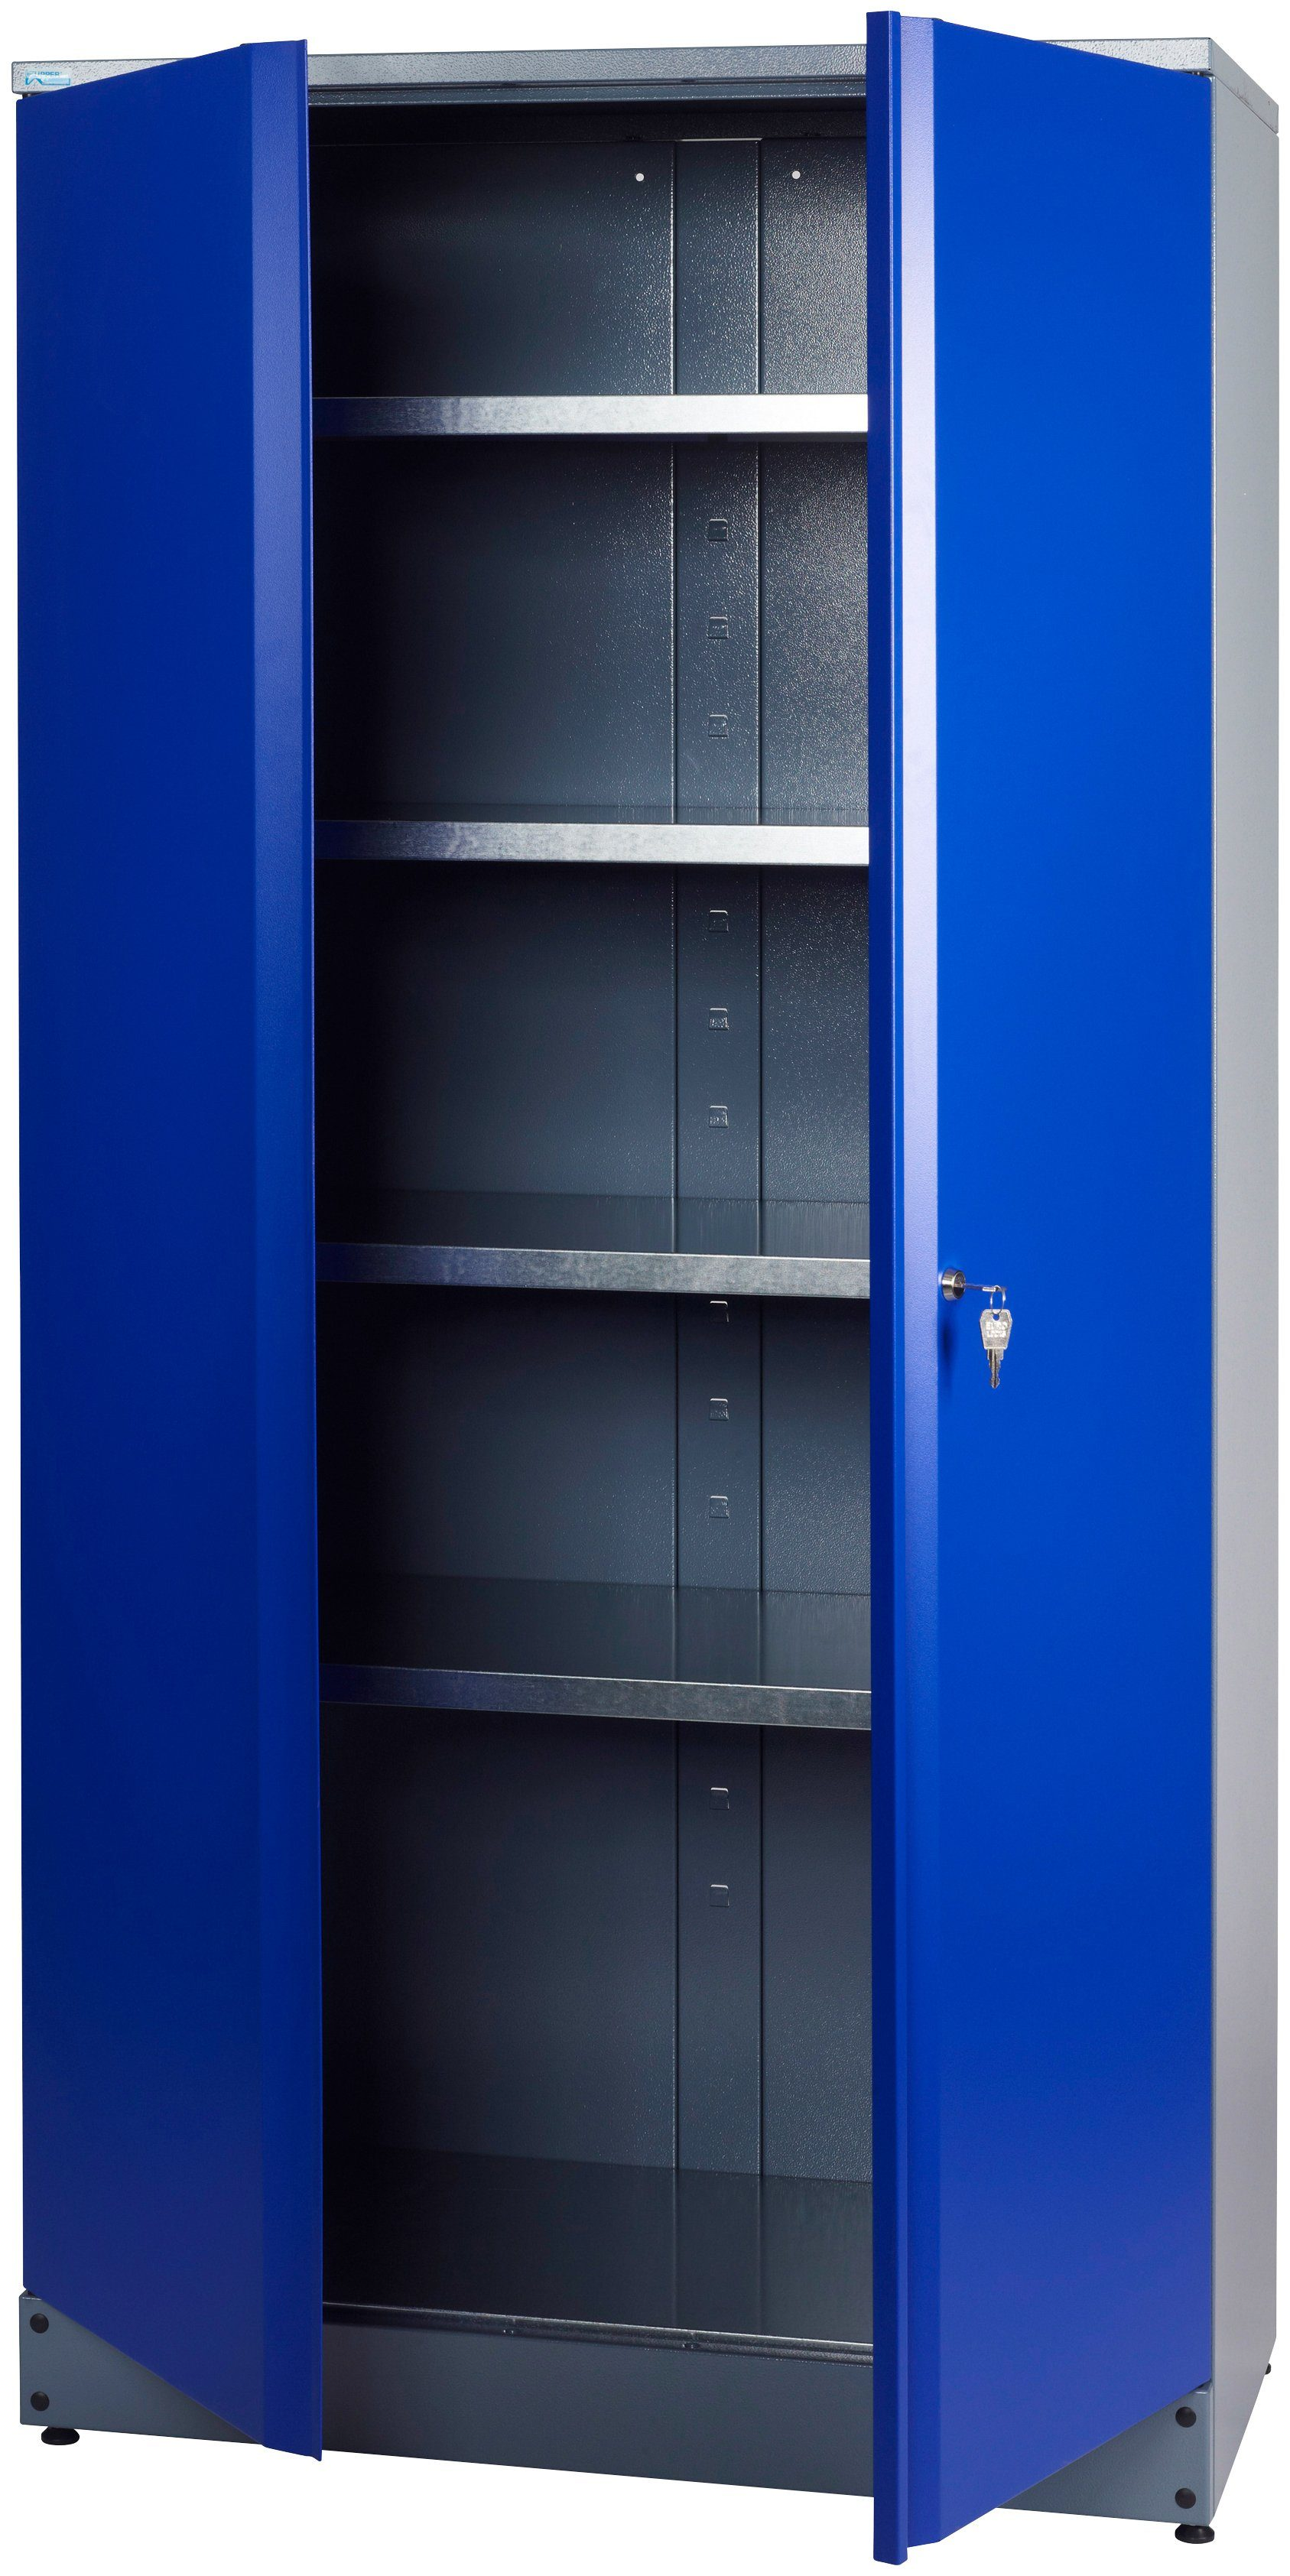 Küpper Hochschrank mit 2 Türen, 4 Einlegeböden, in ultramarinblau